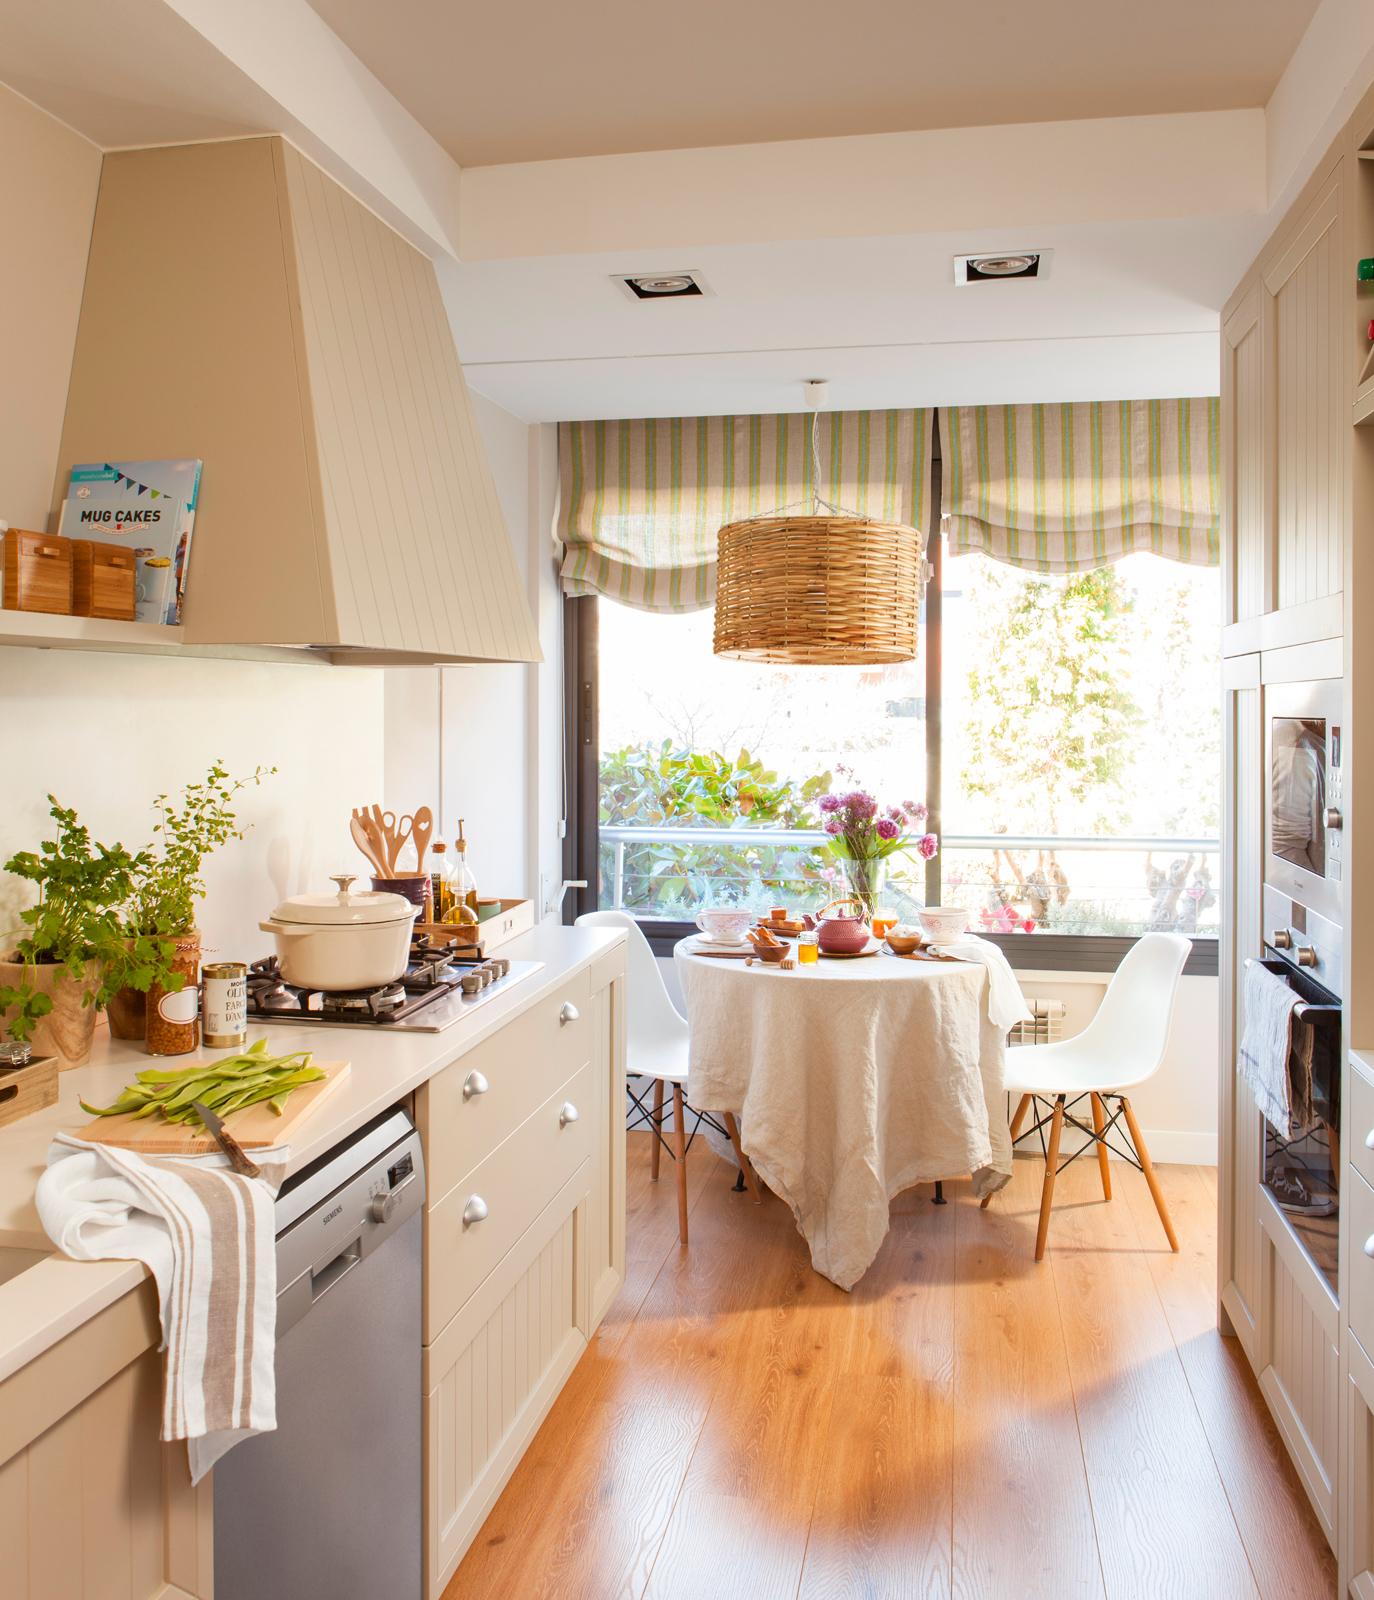 Muebles lavadero cocina 20170826020245 - Muebles de cocina merkamueble ...